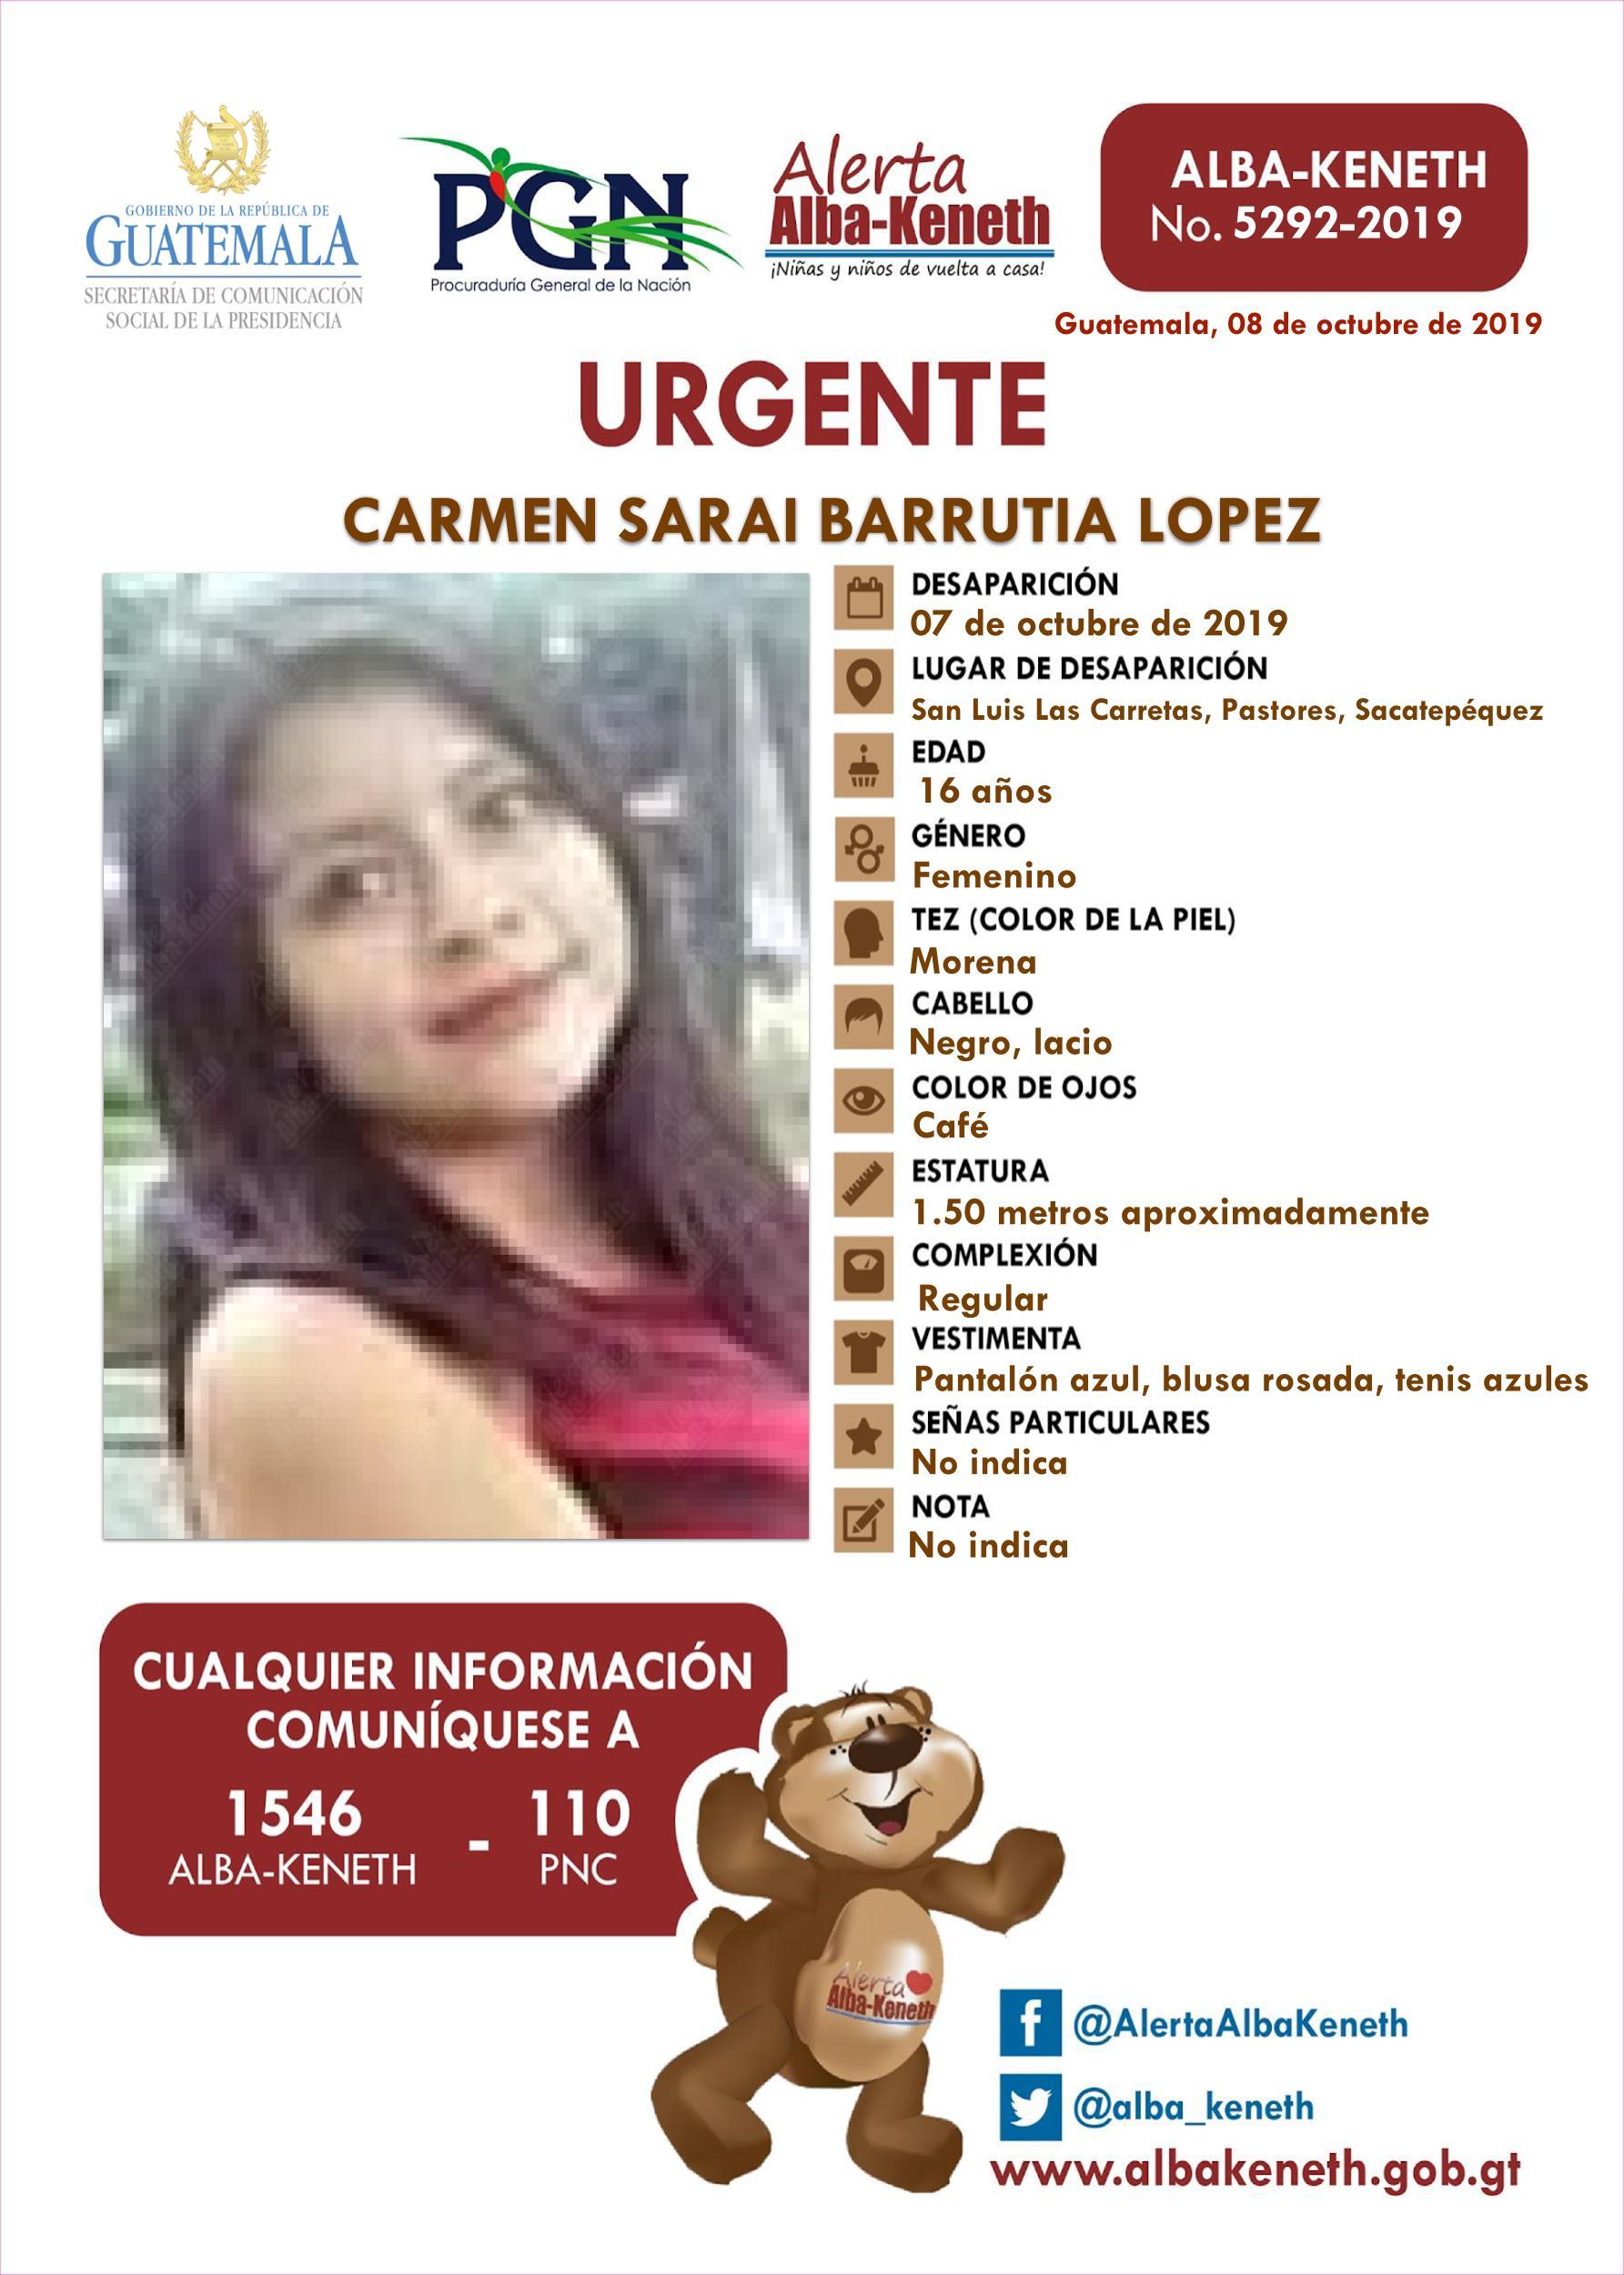 Carmen Sarai Barrutia Lopez